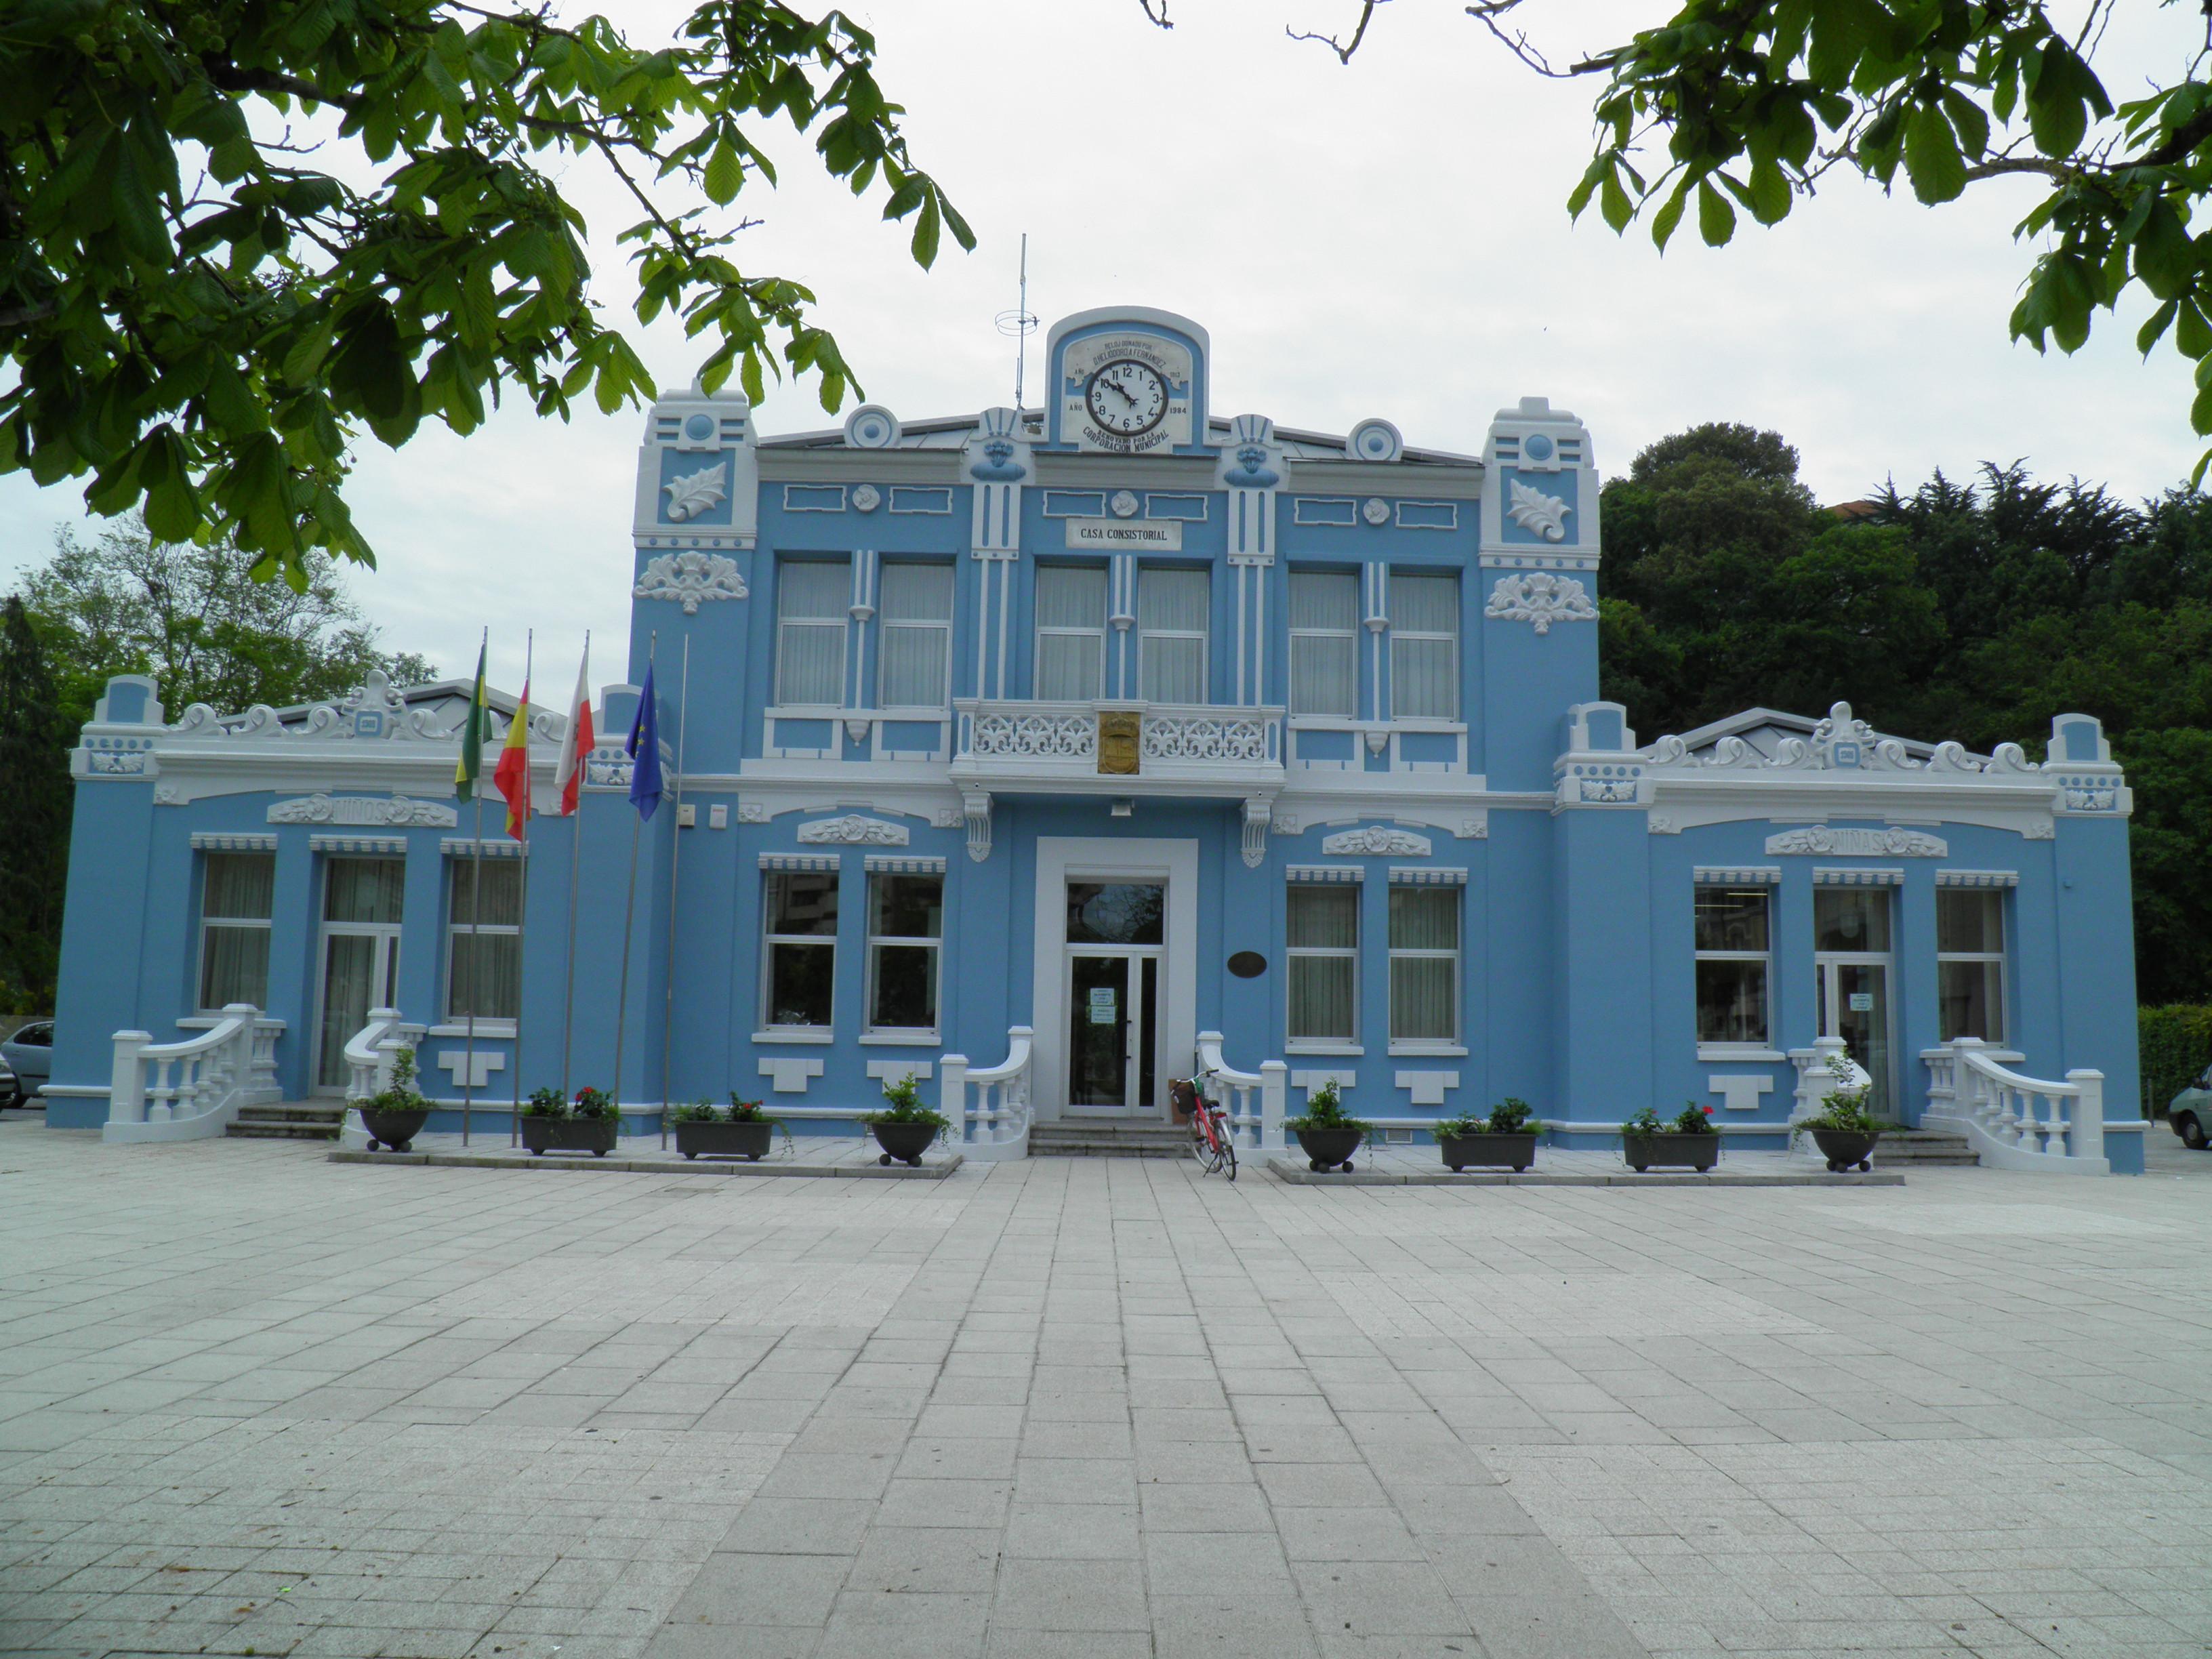 El Ayuntamiento de Colindres comienza a transferir los 358.000 euros destinados a las asociaciones deportivas, culturales y sociales